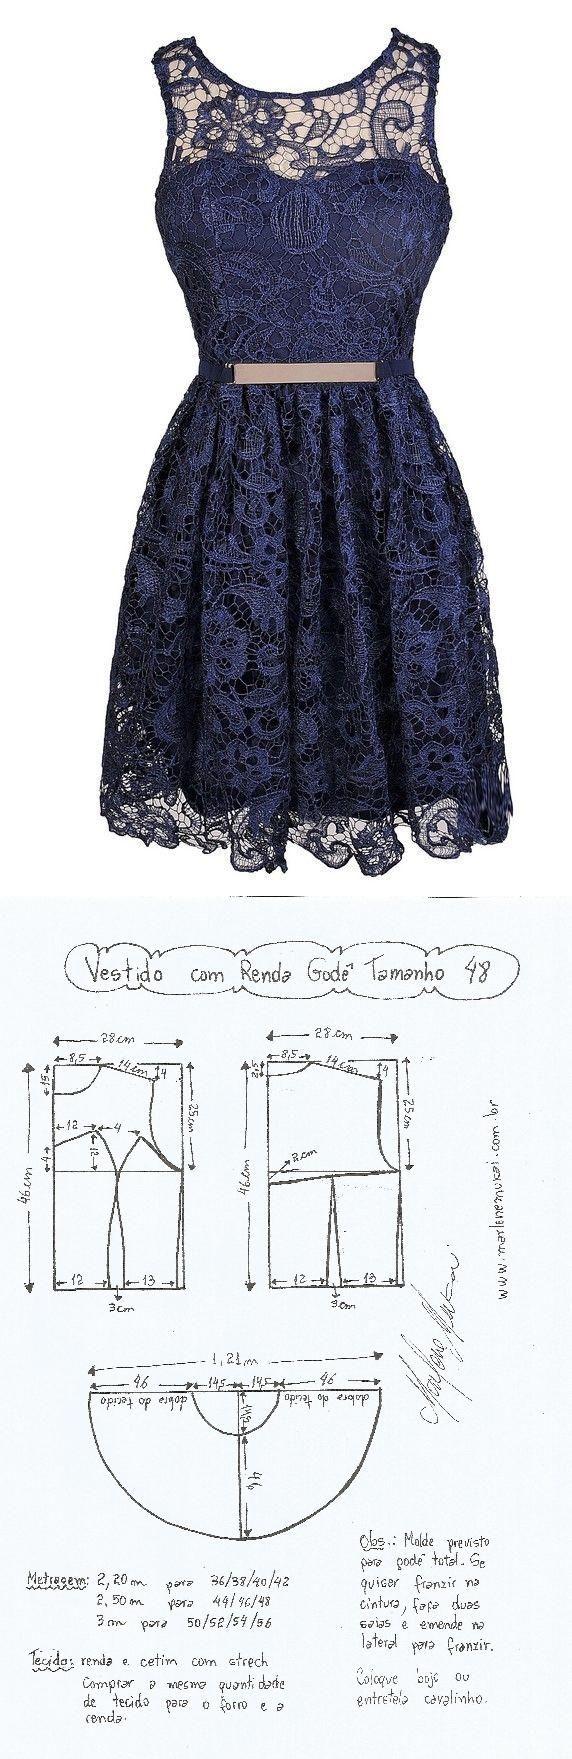 90f8ad5984 Vestido com Renda Godê. Um vestidinho jovial que pode ser feito com vários  tipos de renda ou mesmo com chiffon ou musseline forrado com cetim ou  tricoline.